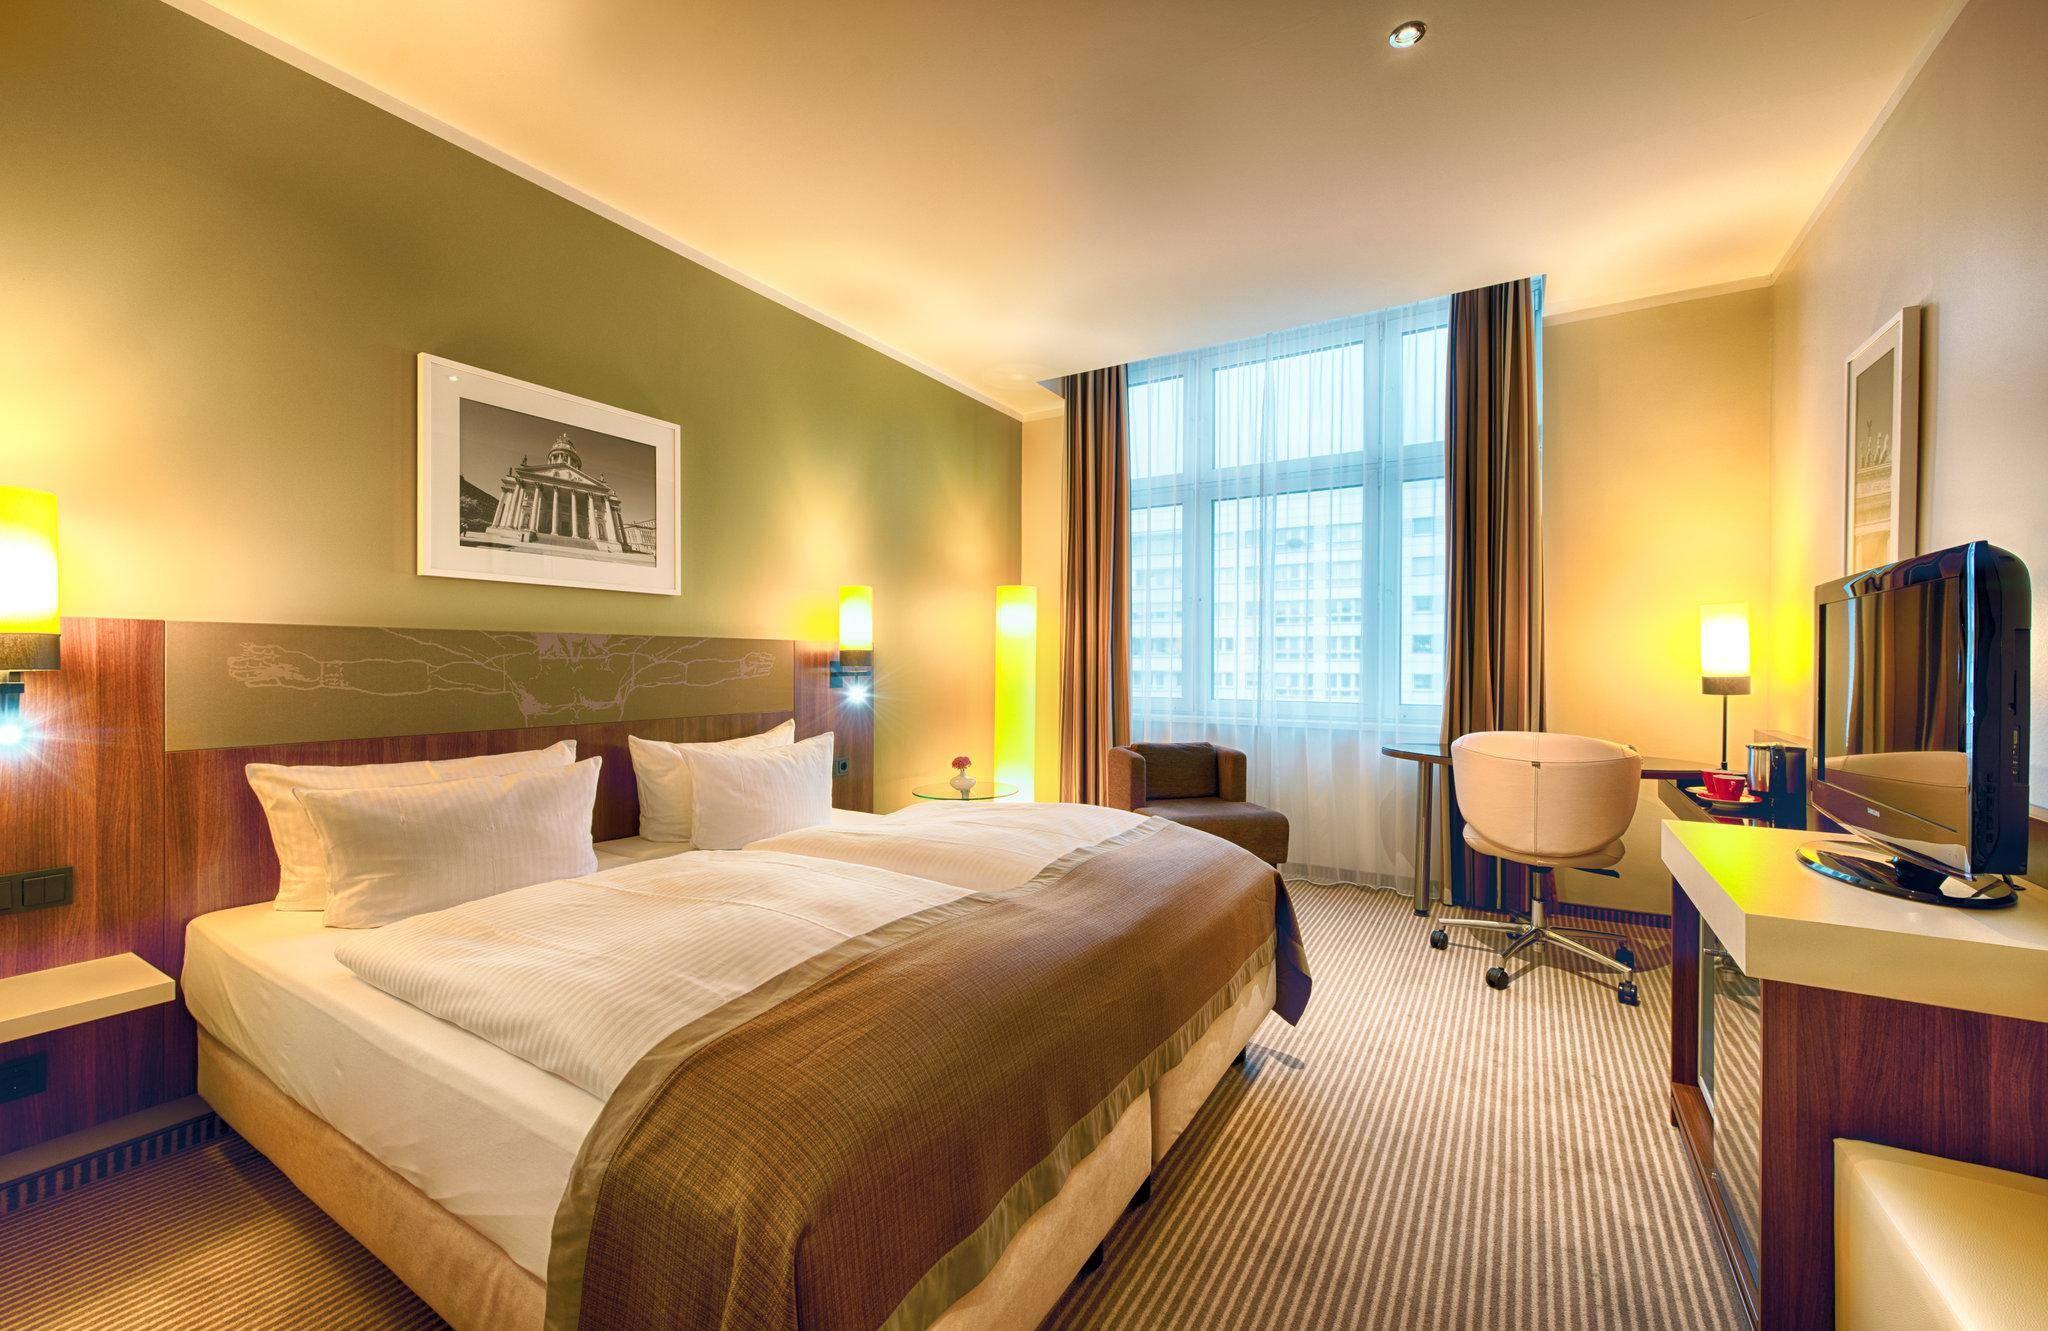 Отели берлина. бронирование гостиниц в берлине, цены со скидками до 60% - orangesmile.com